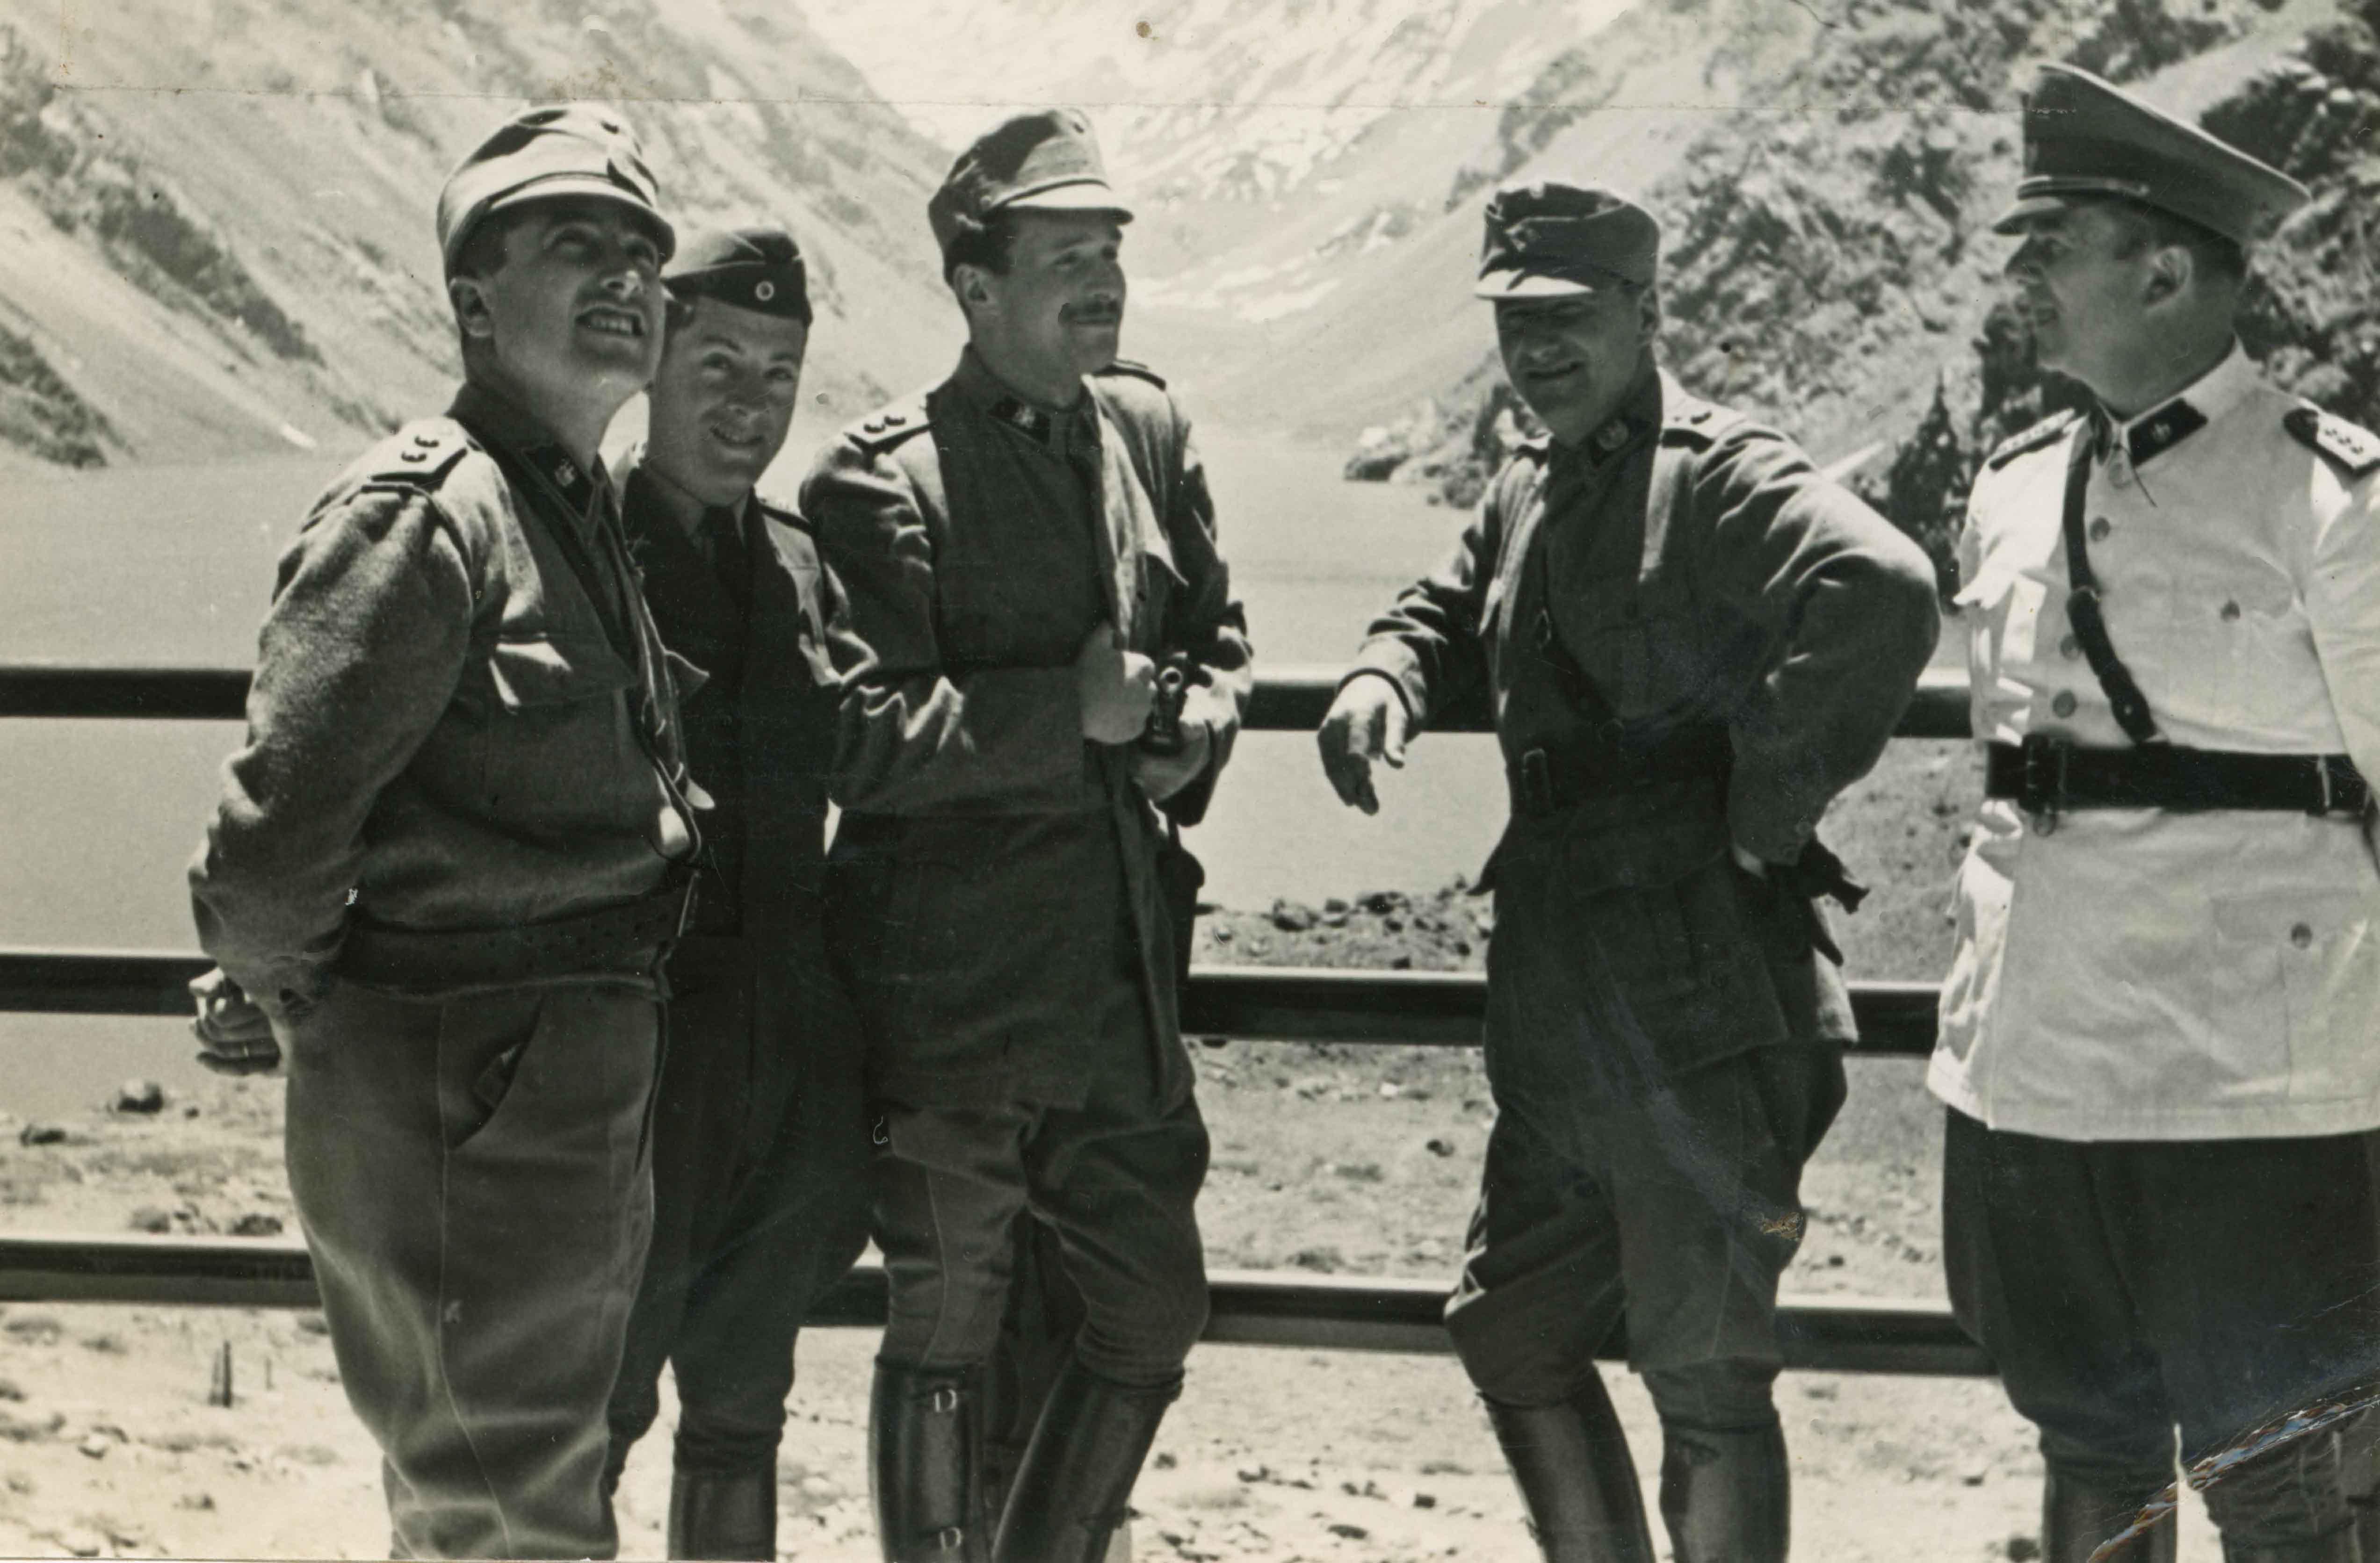 Enterreno - Fotos históricas de chile - fotos antiguas de Chile - Militares en la Laguna del Inca en 1945